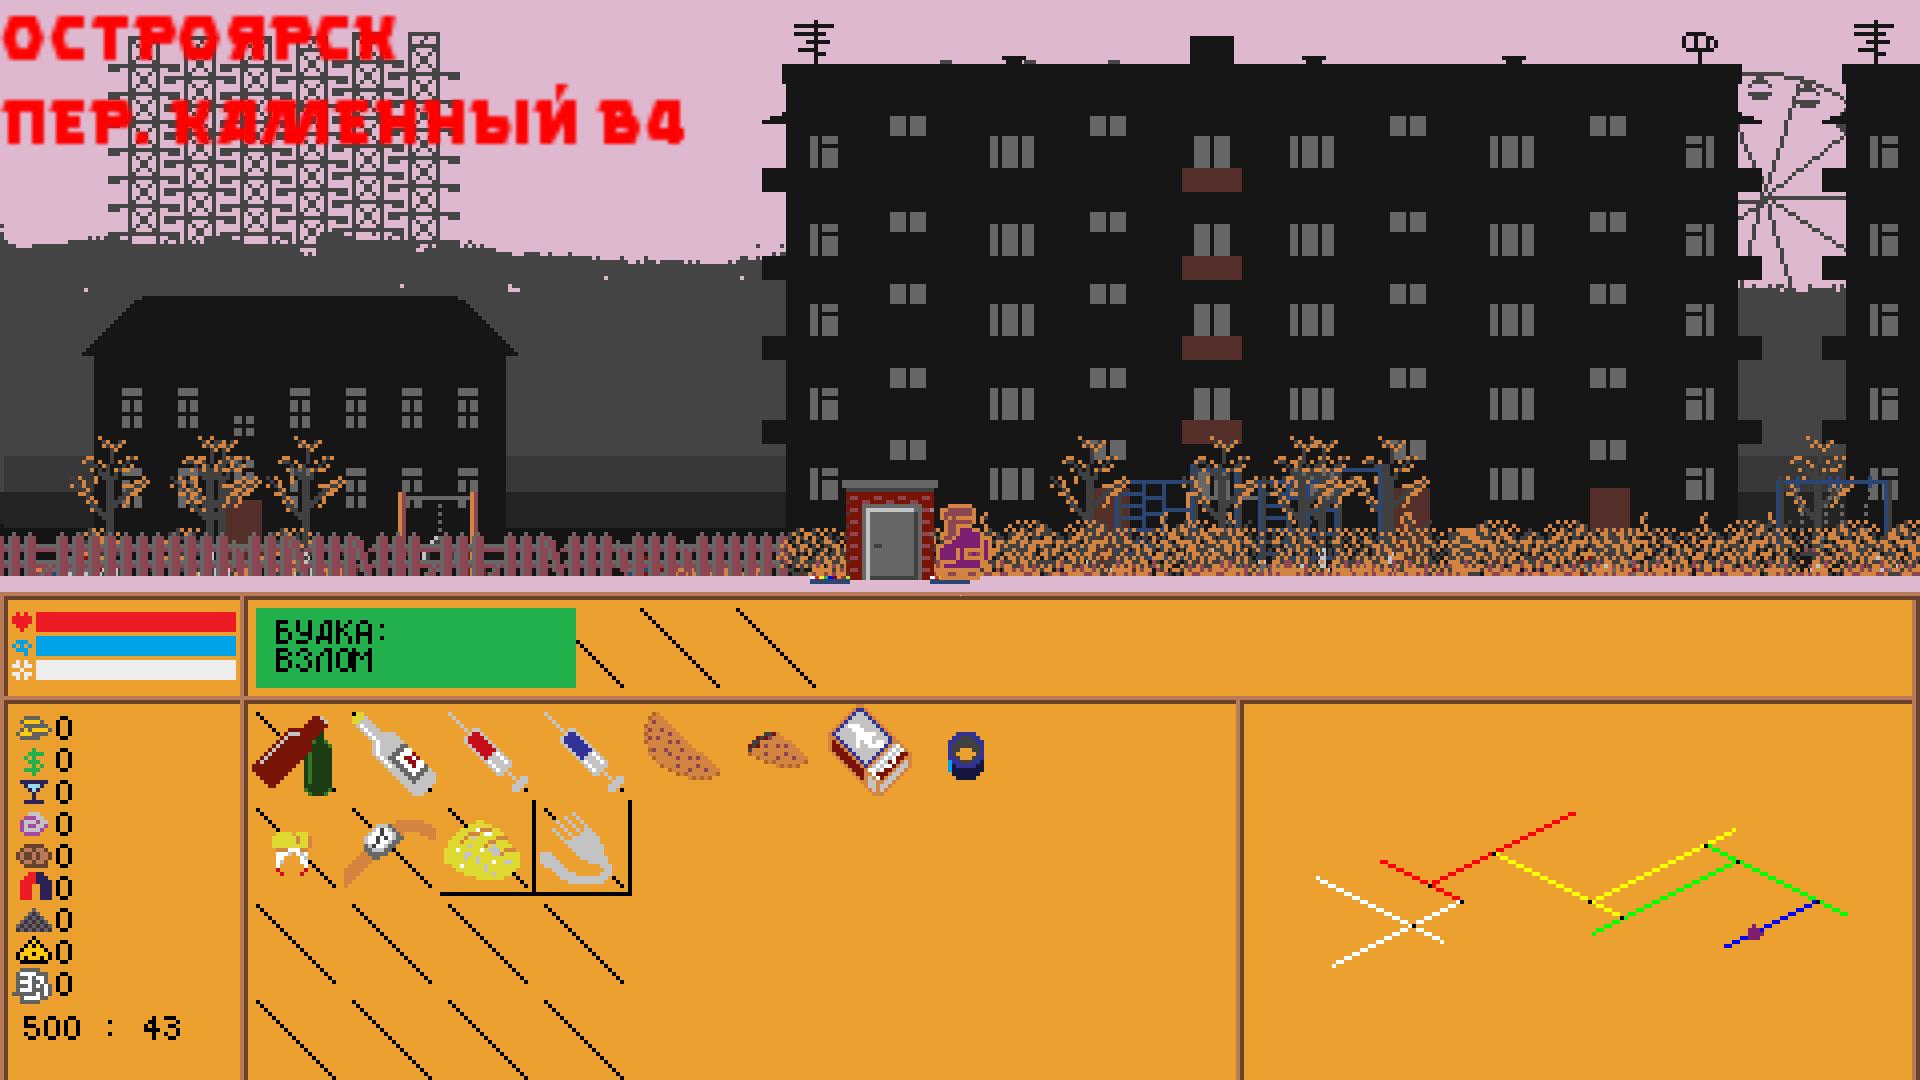 shot210602011735   Конкурс игр: Перерождение (20000р). Конкурс завершен.